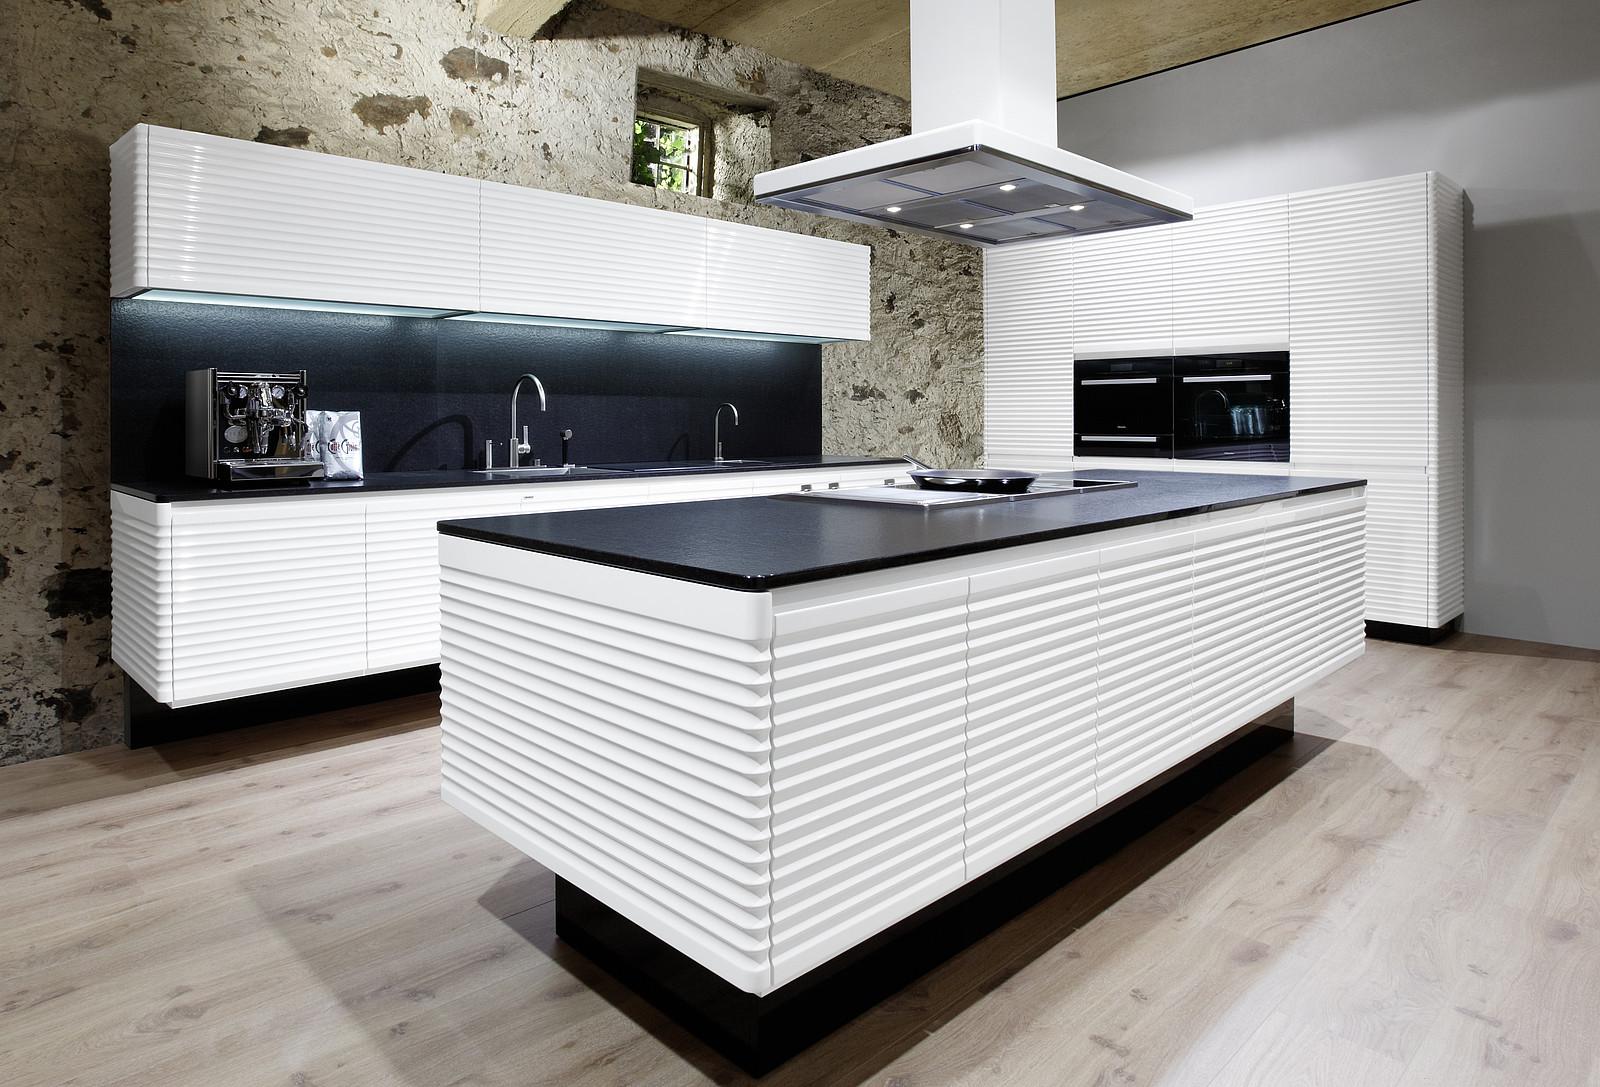 Full Size of Arbeitsplatten Küche Arbeitsplatte Granitplatten Sideboard Mit Wohnzimmer Granit Arbeitsplatte